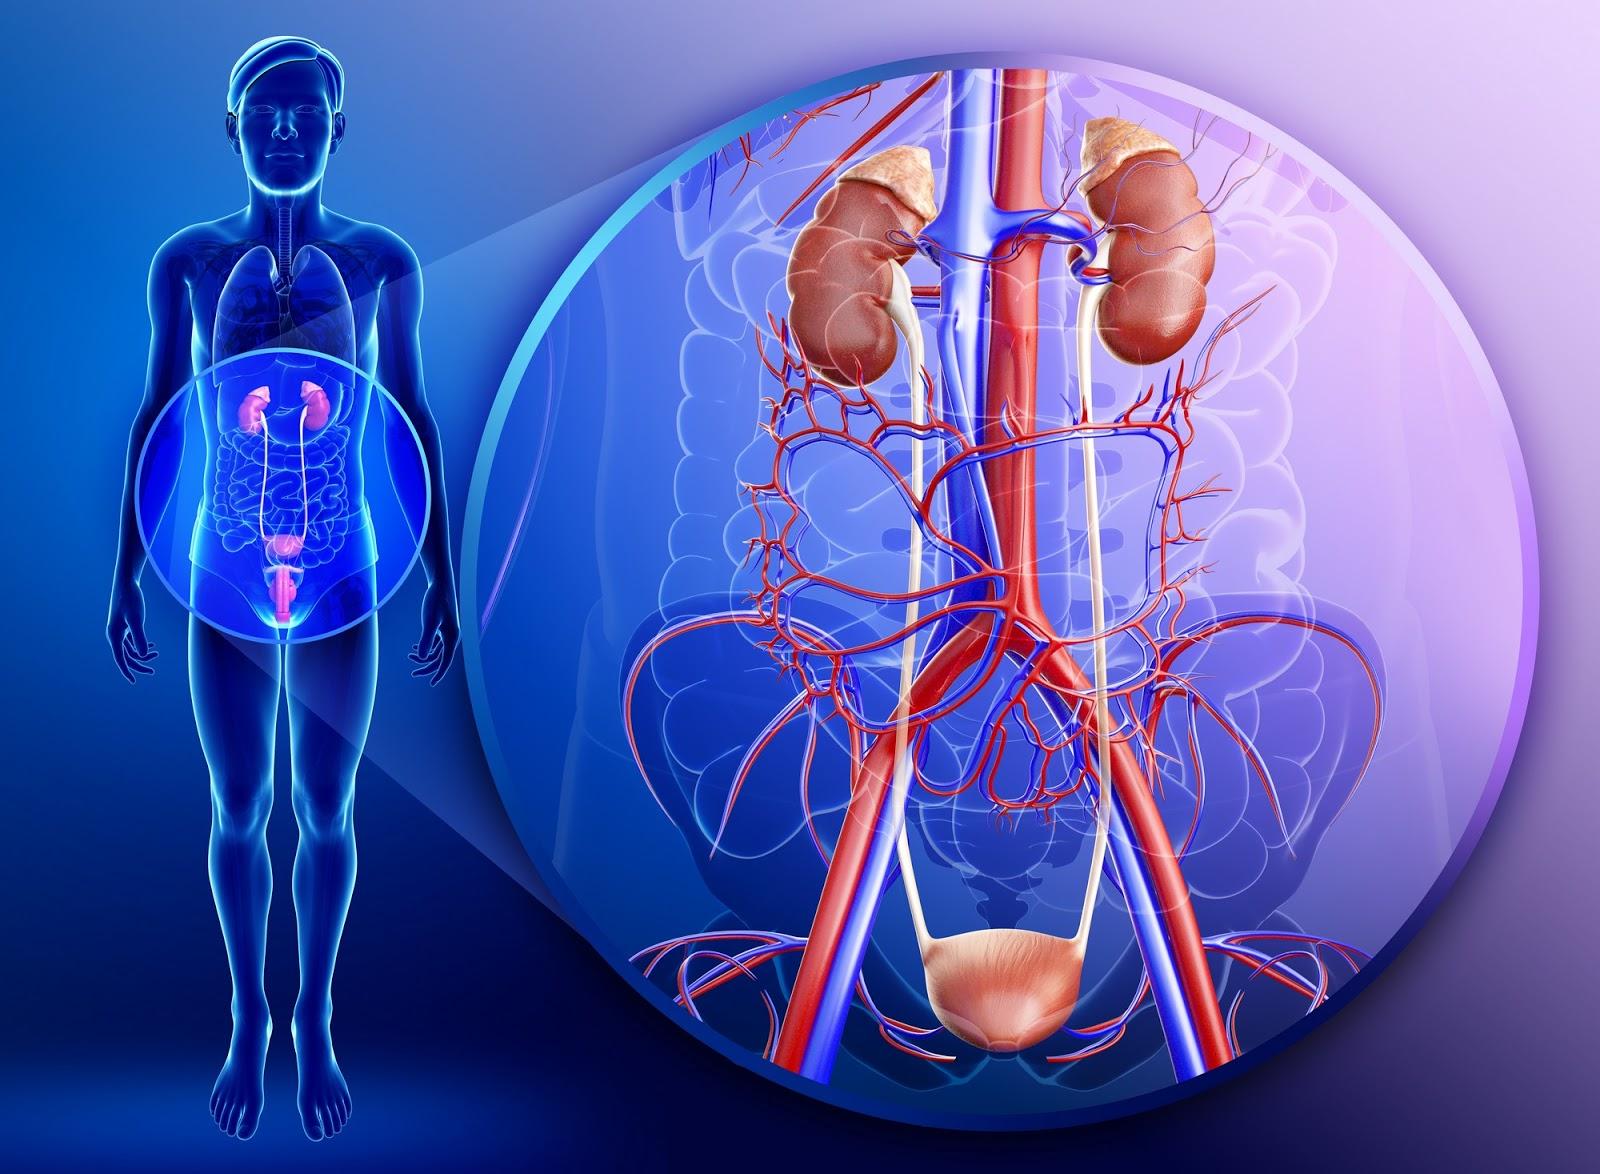 Нефроптоз первой степени, или как вернуть блуждающий орган на место